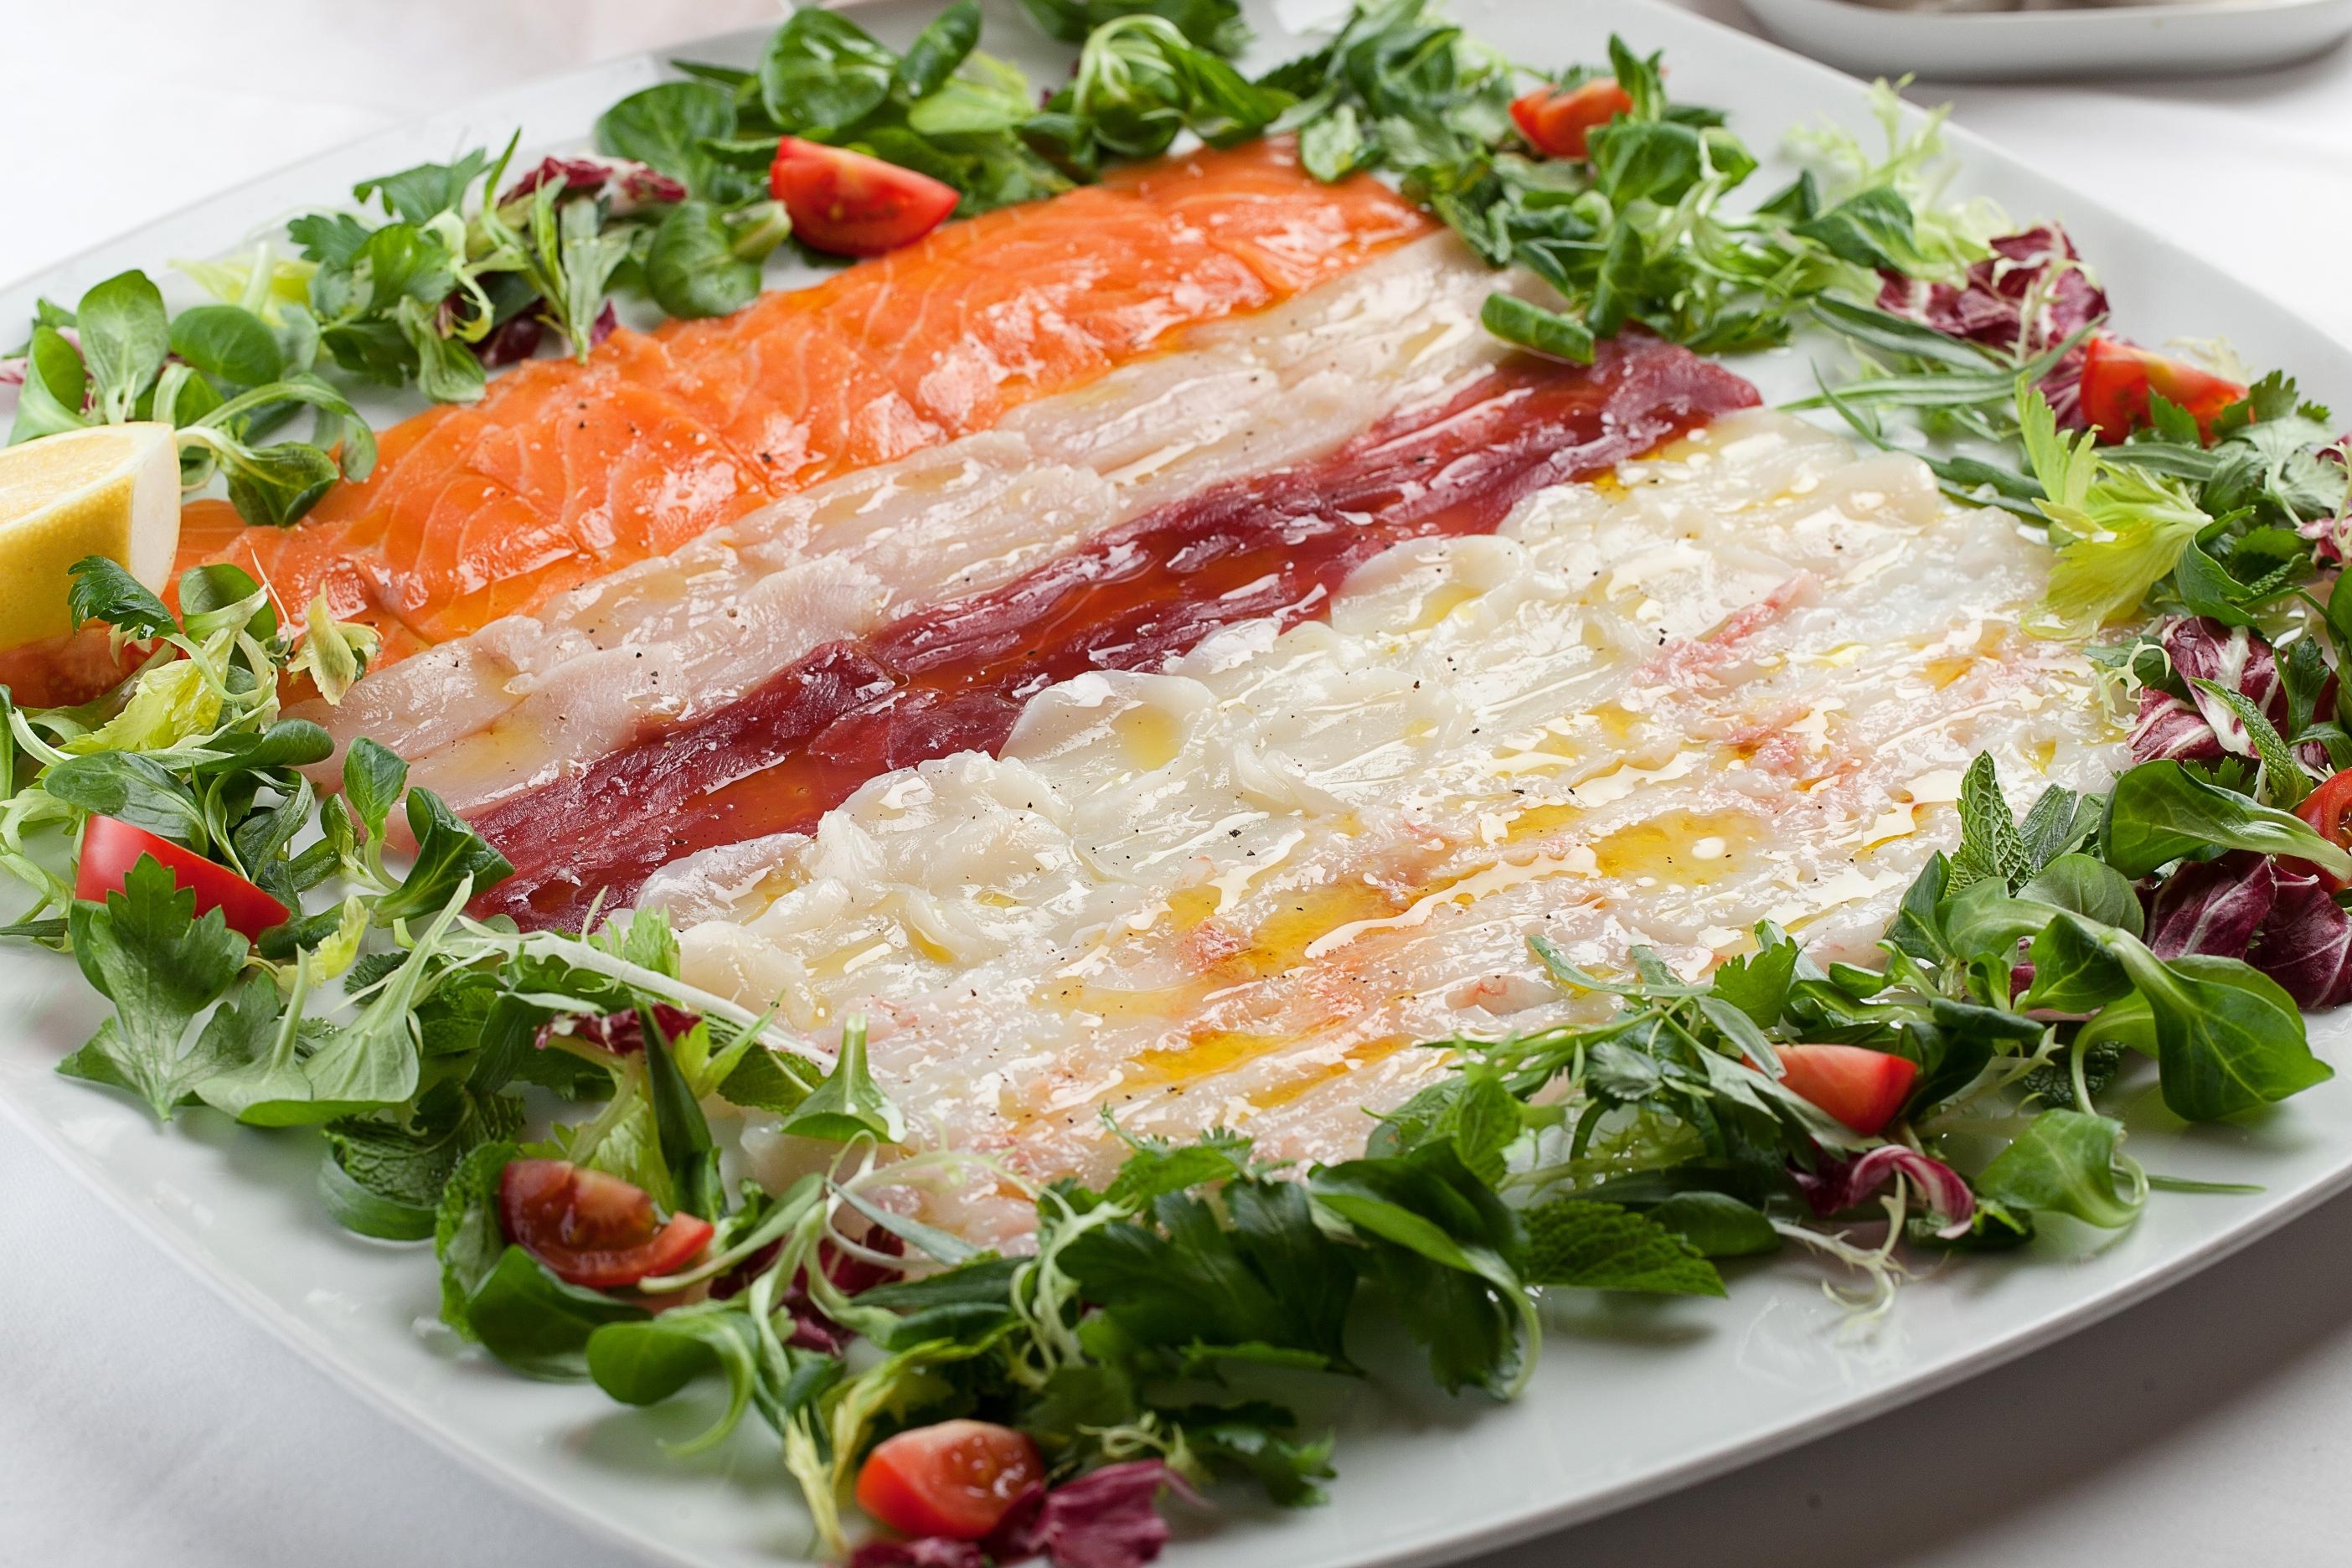 Ресторан La Marée - Карпаччо из лакедры, лосося, тунца, дикого сибаса и  морского гребешка